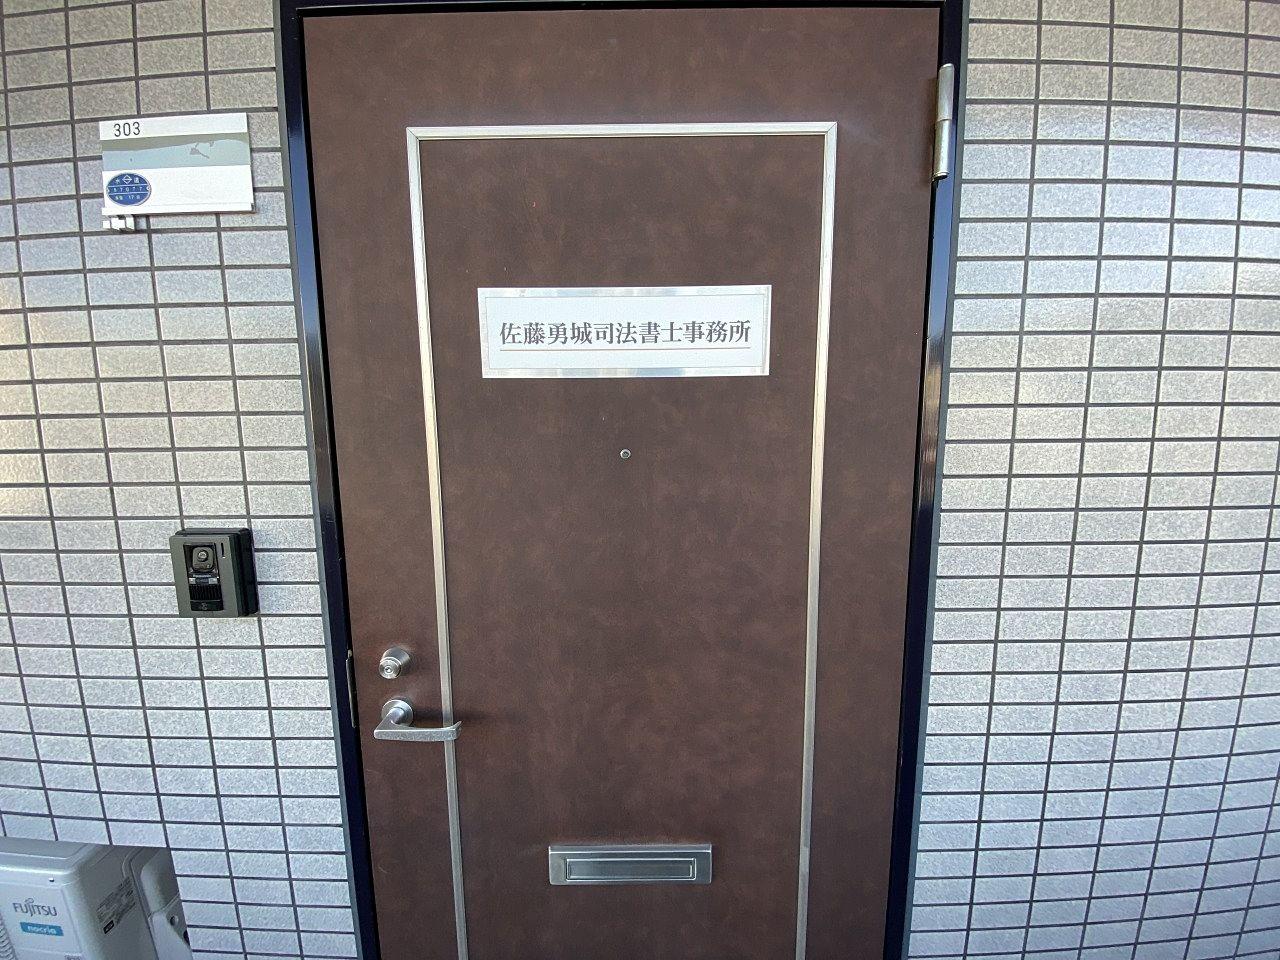 〒225-0002 横浜市青葉区美しが丘2-1-27 第5正美ビル303の佐藤勇城司法書士事務所 応接室